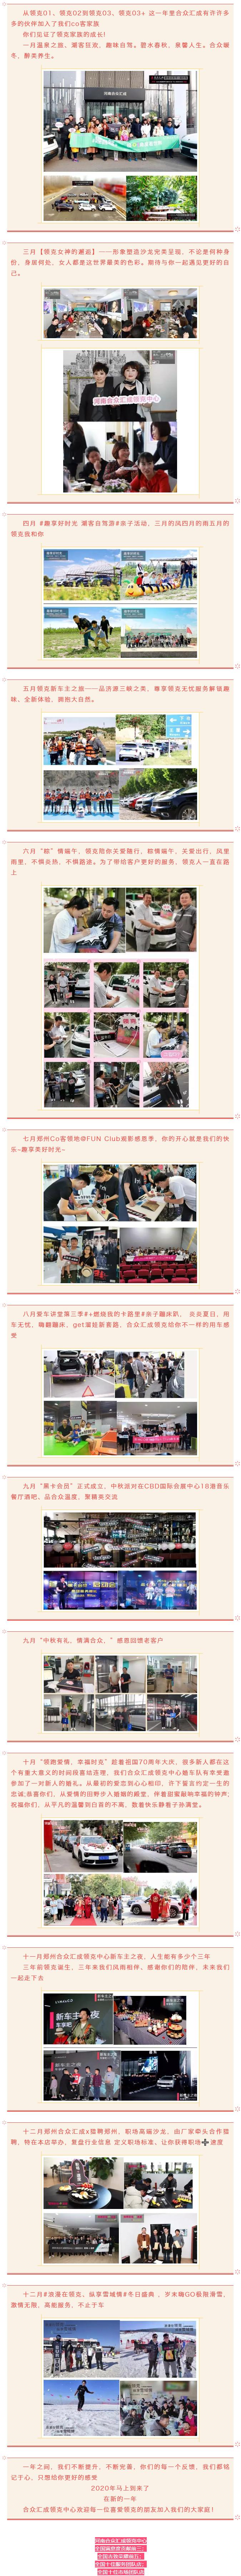 2019特刊回顾 | 郑州汇成期待与您2020活动相聚